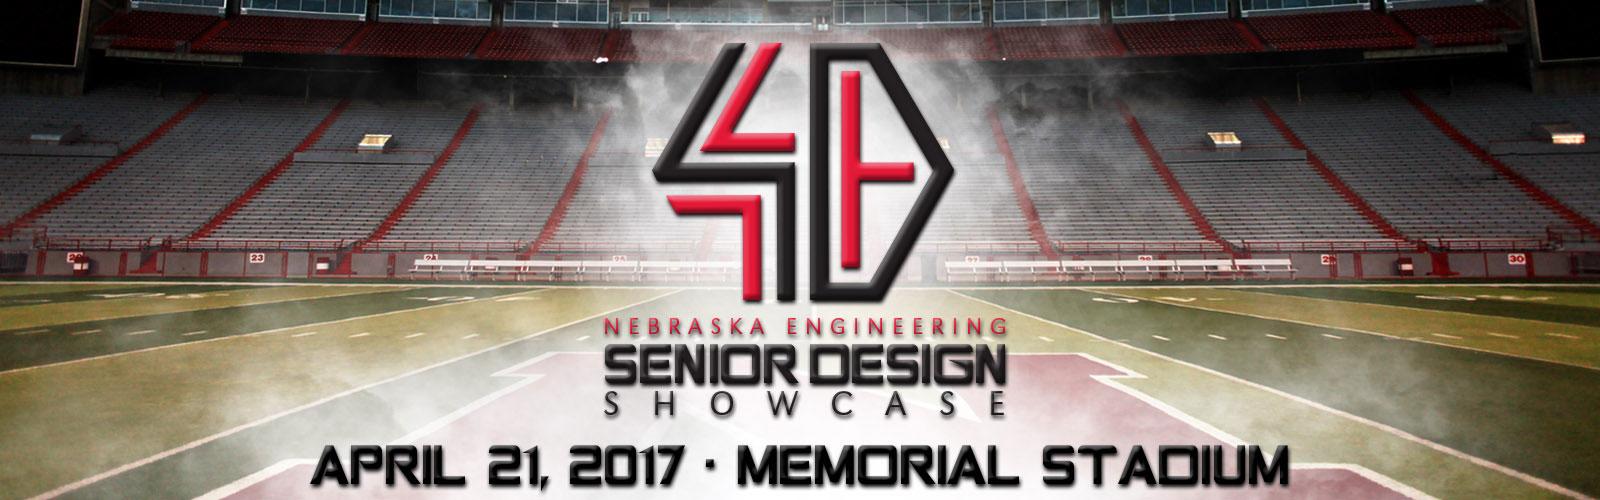 Senior Design Showcase - Friday, April 21, 2017 - Memorial Stadium East Stadium Club